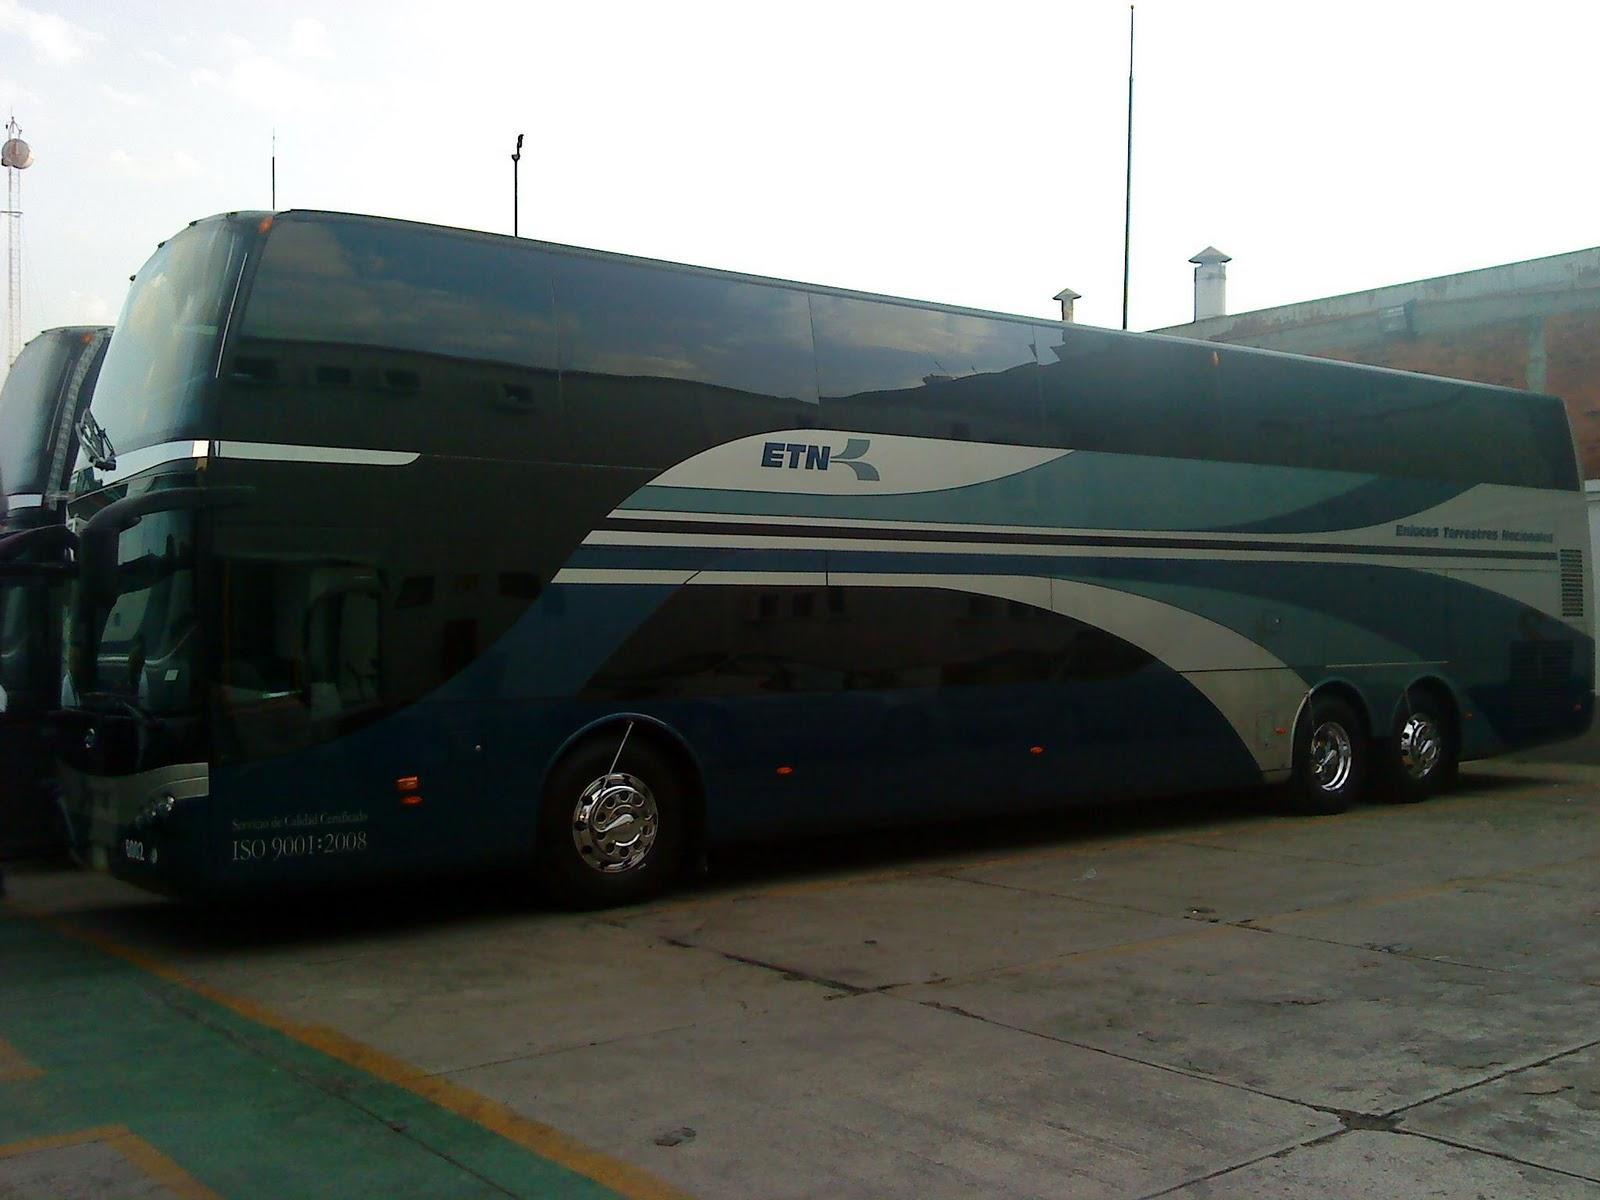 La nueva guia del viajero en mexico autobuses de dos pisos en etn - Autobuses de dos pisos ...